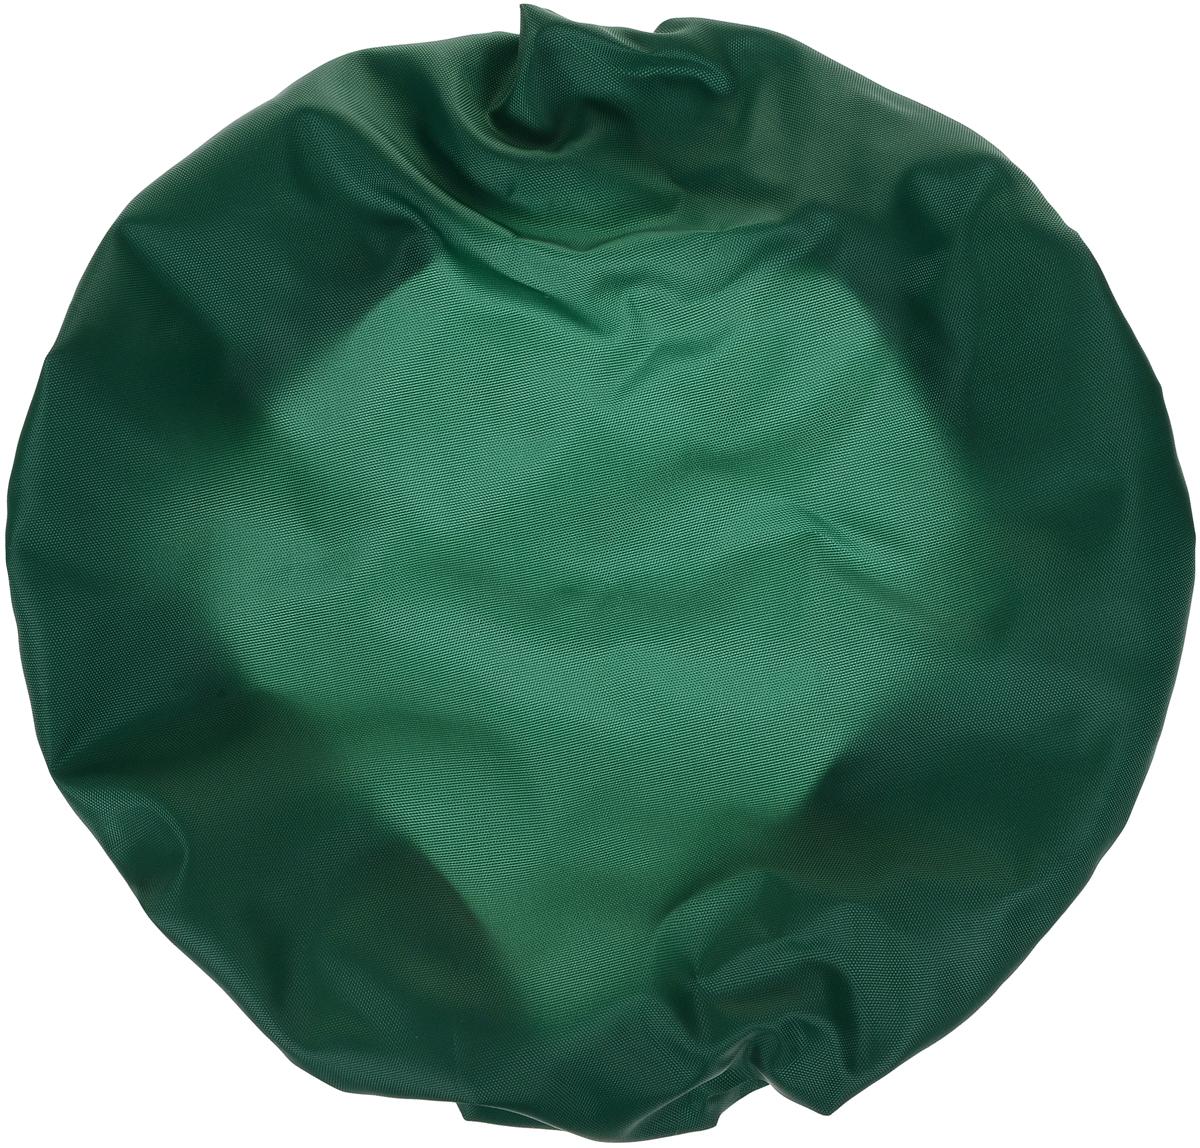 Чудо-Чадо Чехлы на колеса для коляски диаметр 18-28 см цвет зеленый 4 шт чехлы колеса детской коляски